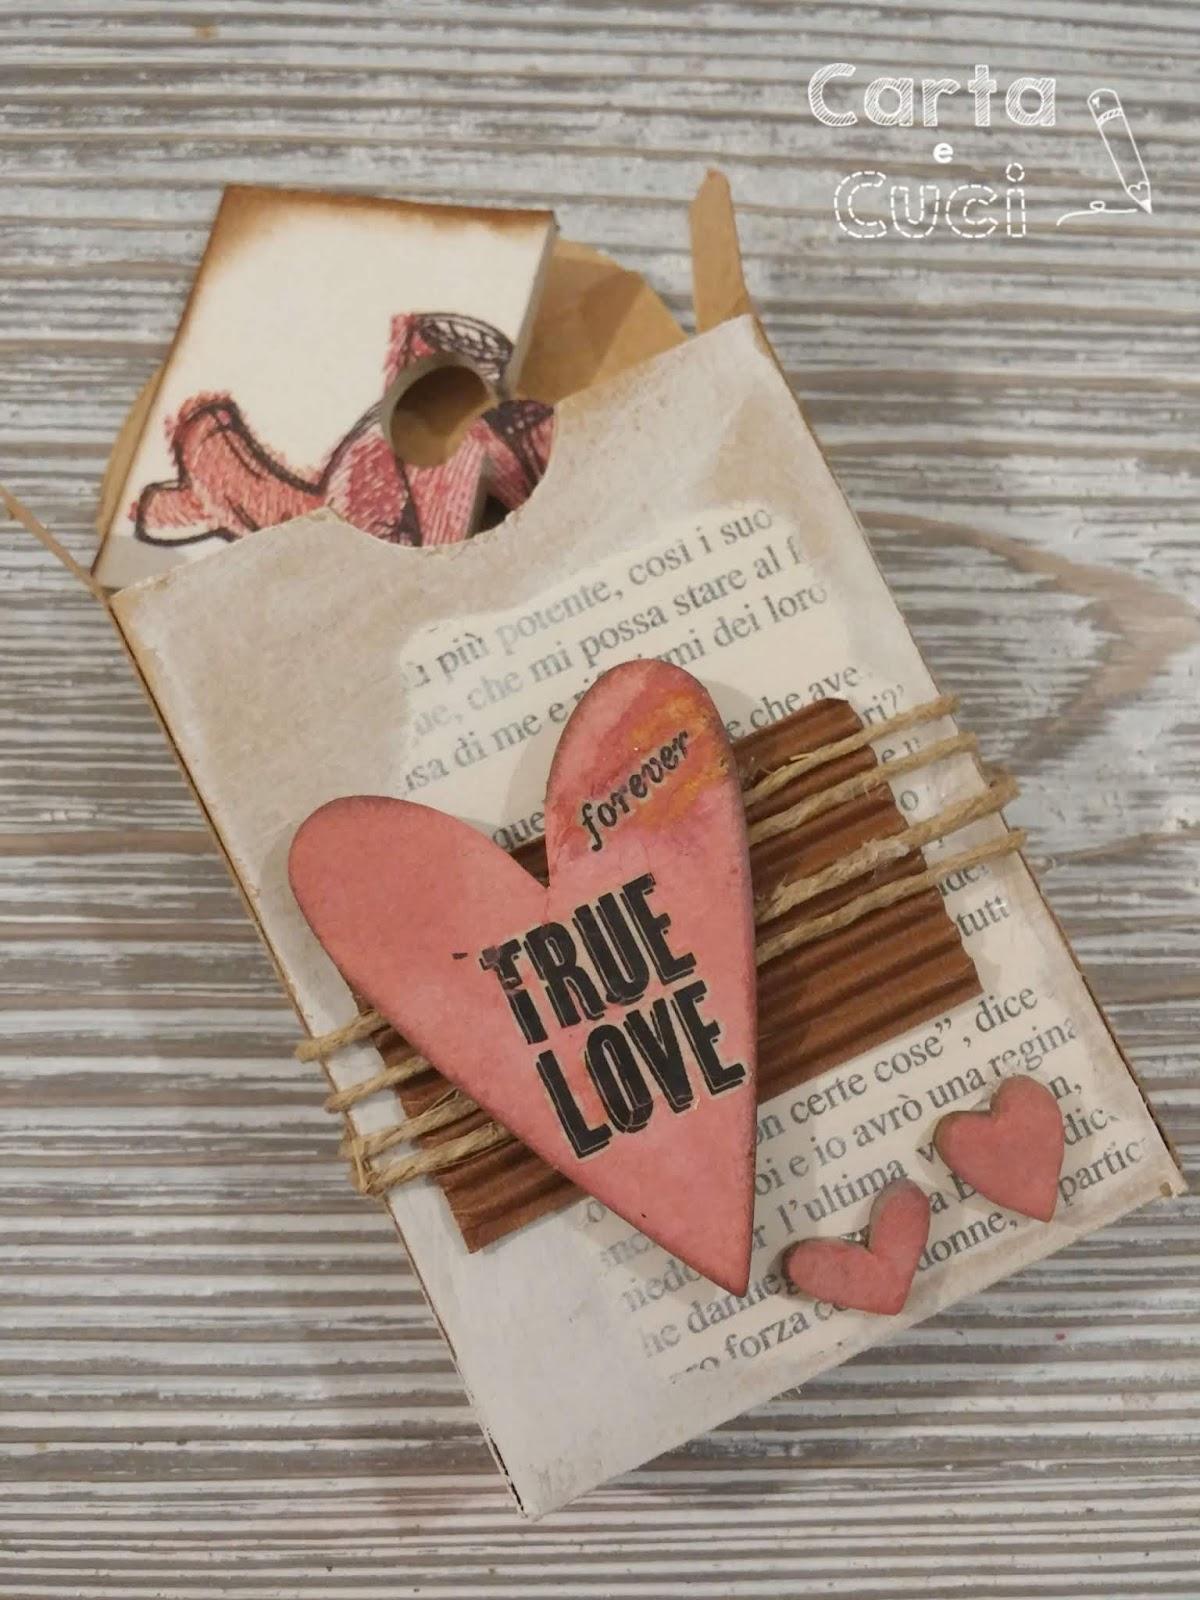 Cose Creative Con La Carta carta e cuci: con tutto il mio cuore (the creative factory)